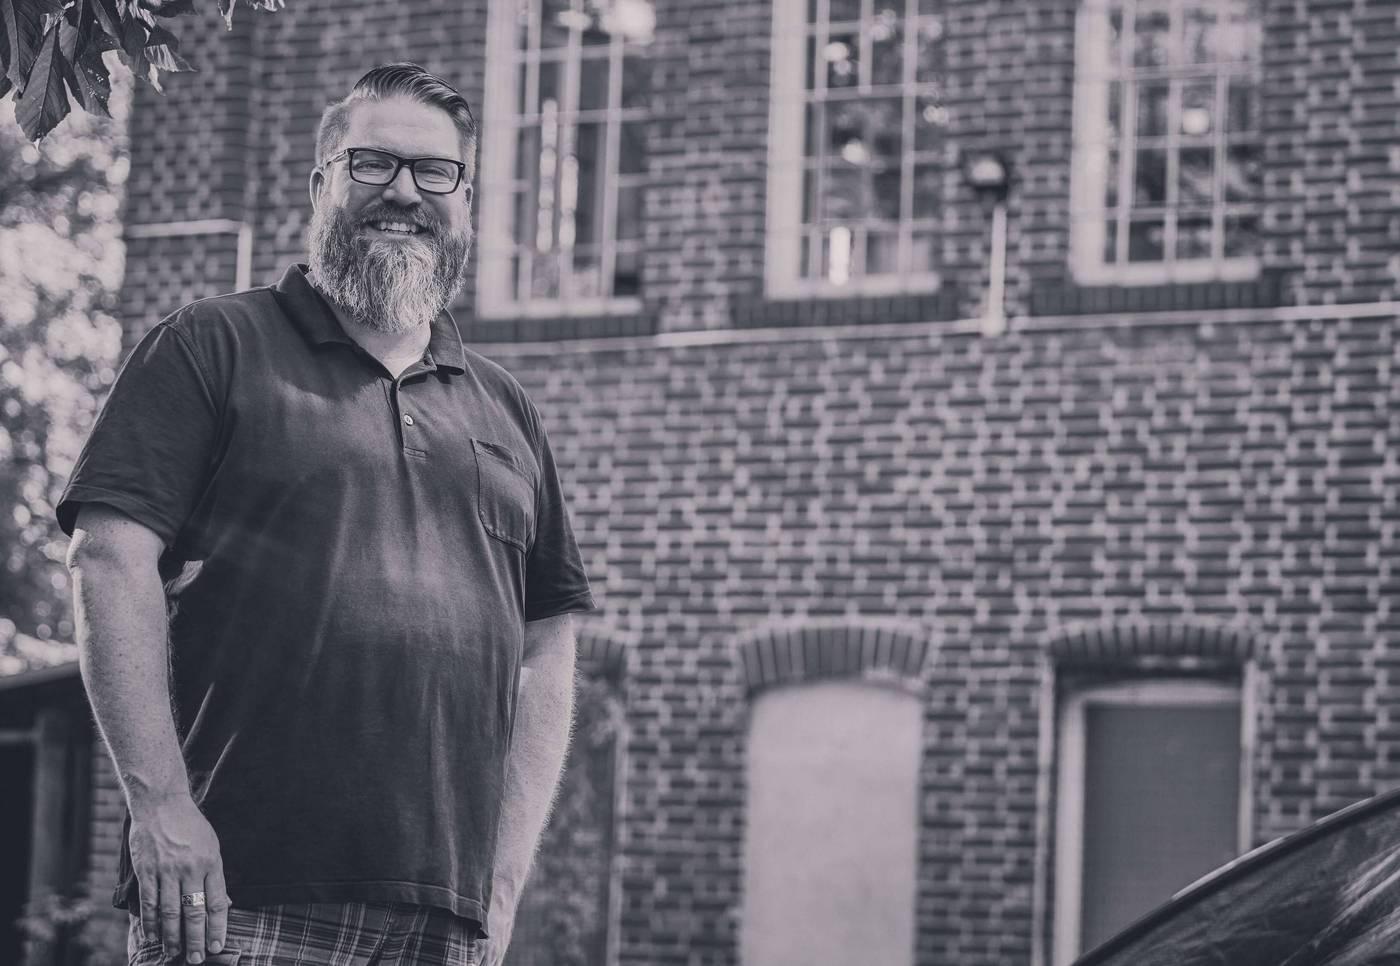 Daniel Brokamp, Konzept & Design, im Hinterhof der Papierfabrik.